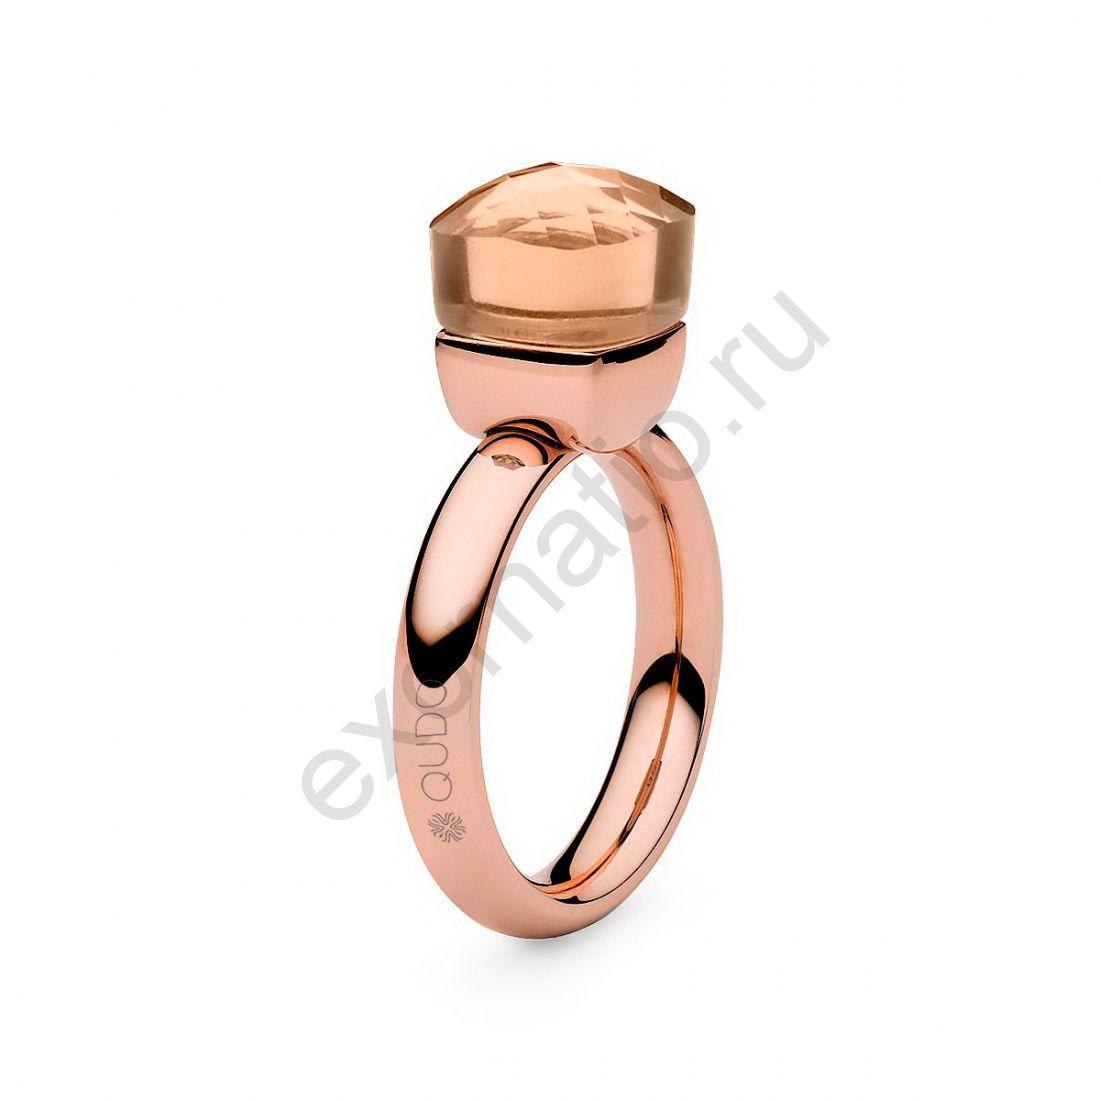 Кольцо Qudo 610497/18.5 BR/RG